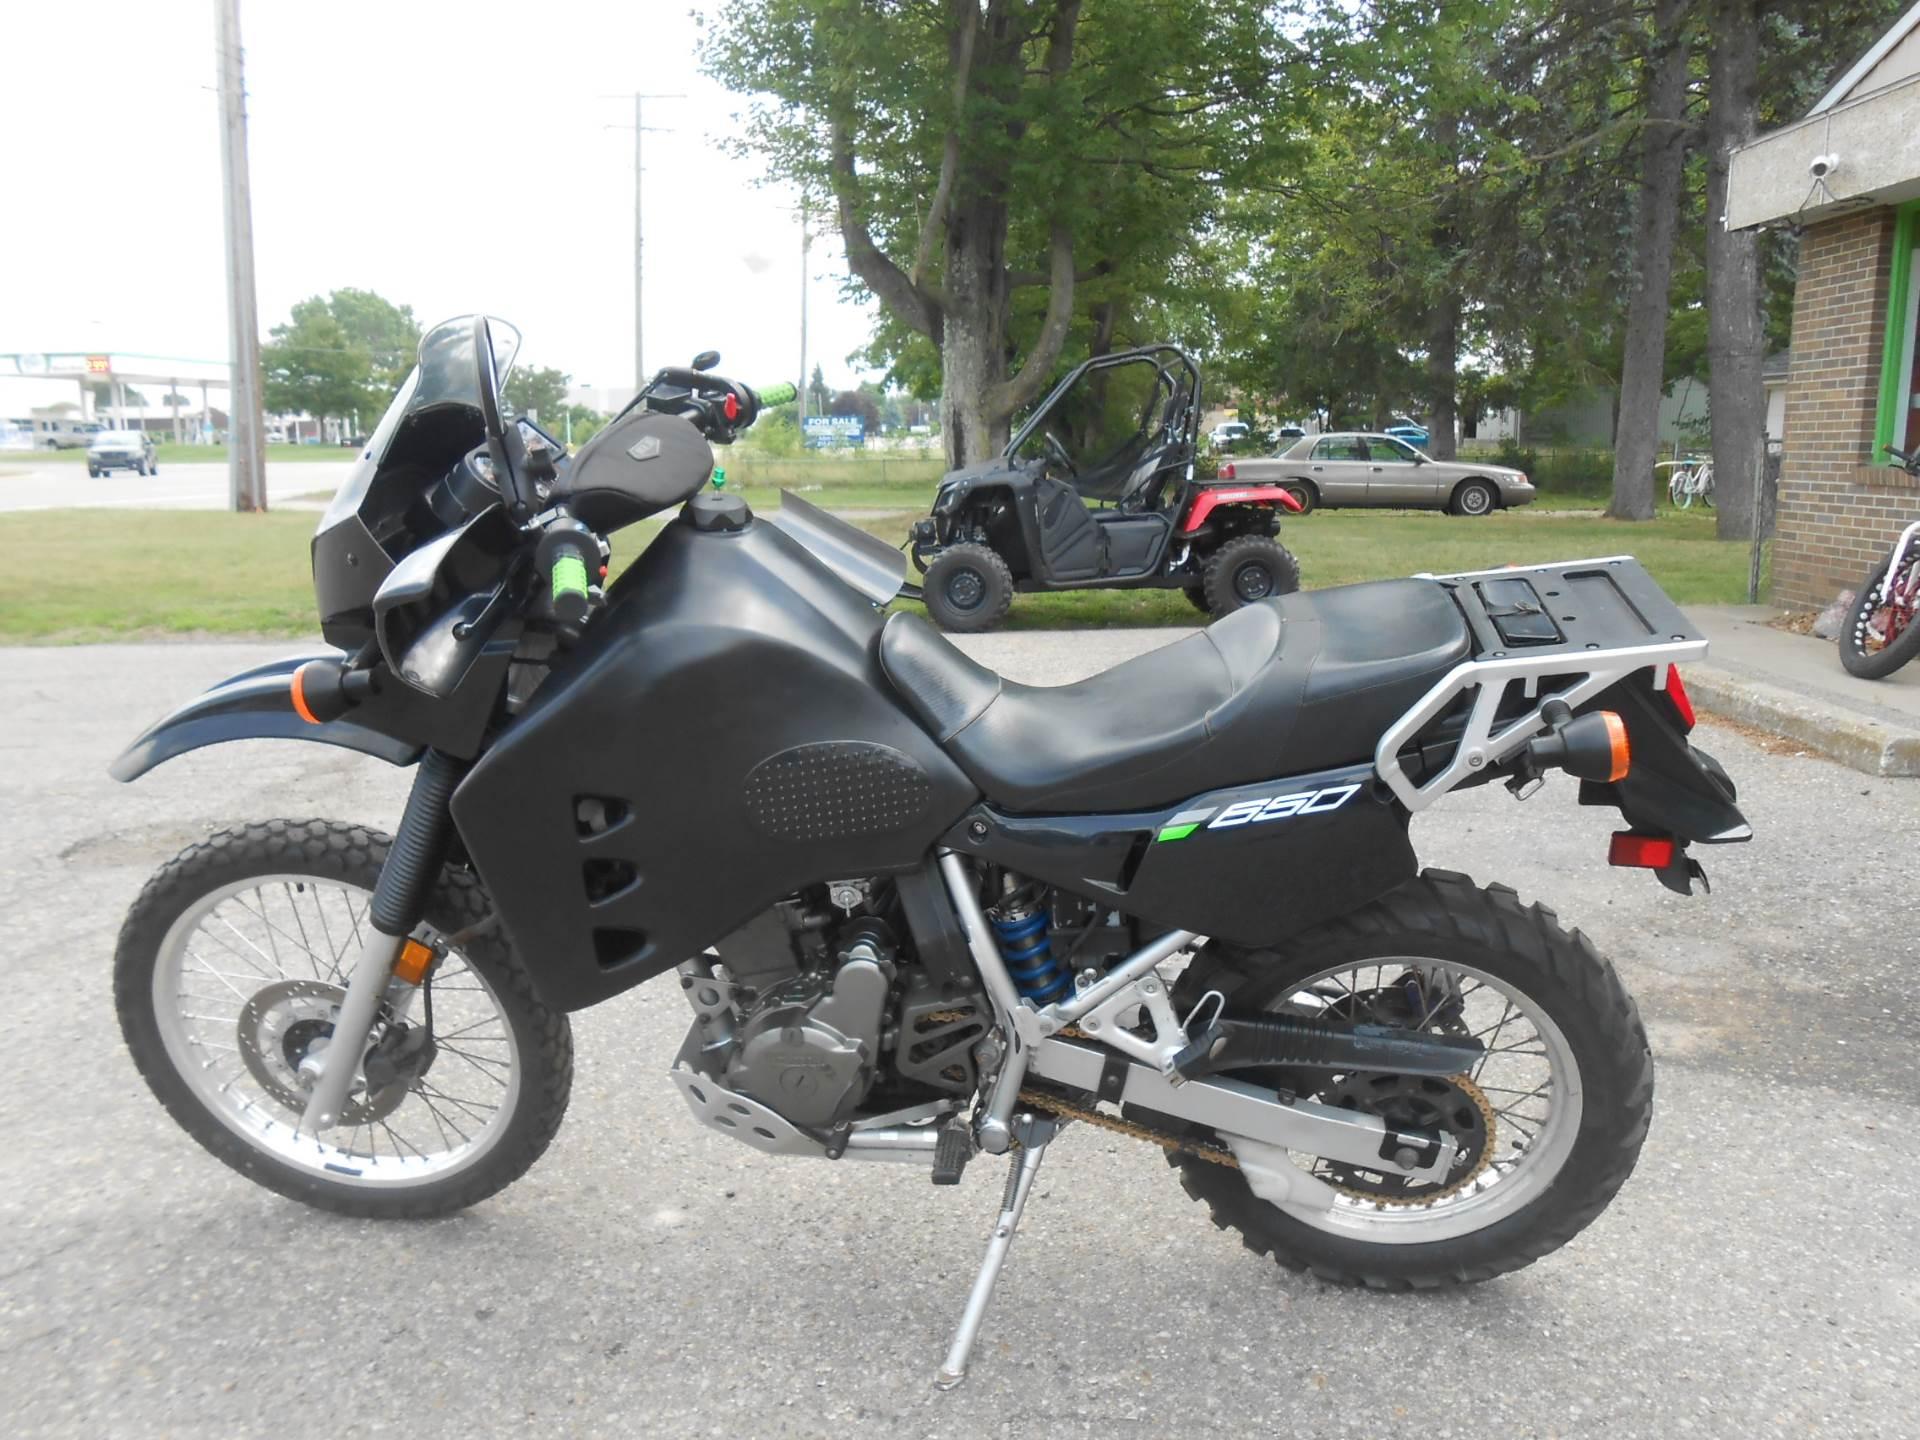 2007 Kawasaki KLR 650 7